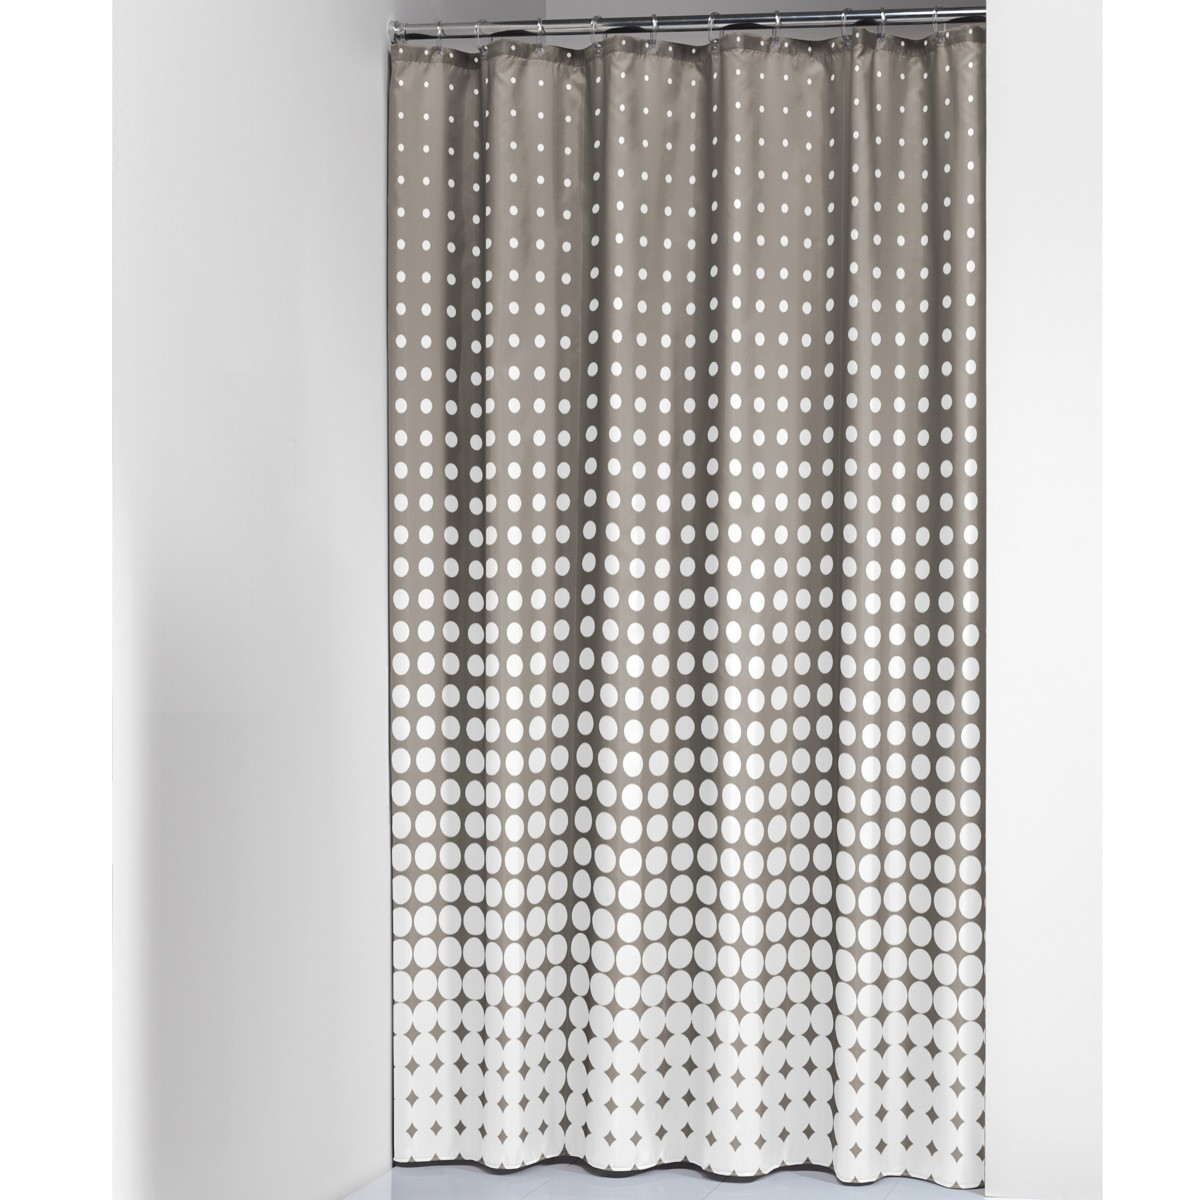 Κουρτίνα Μπάνιου (180x200) SealSkin Speckles Taupe